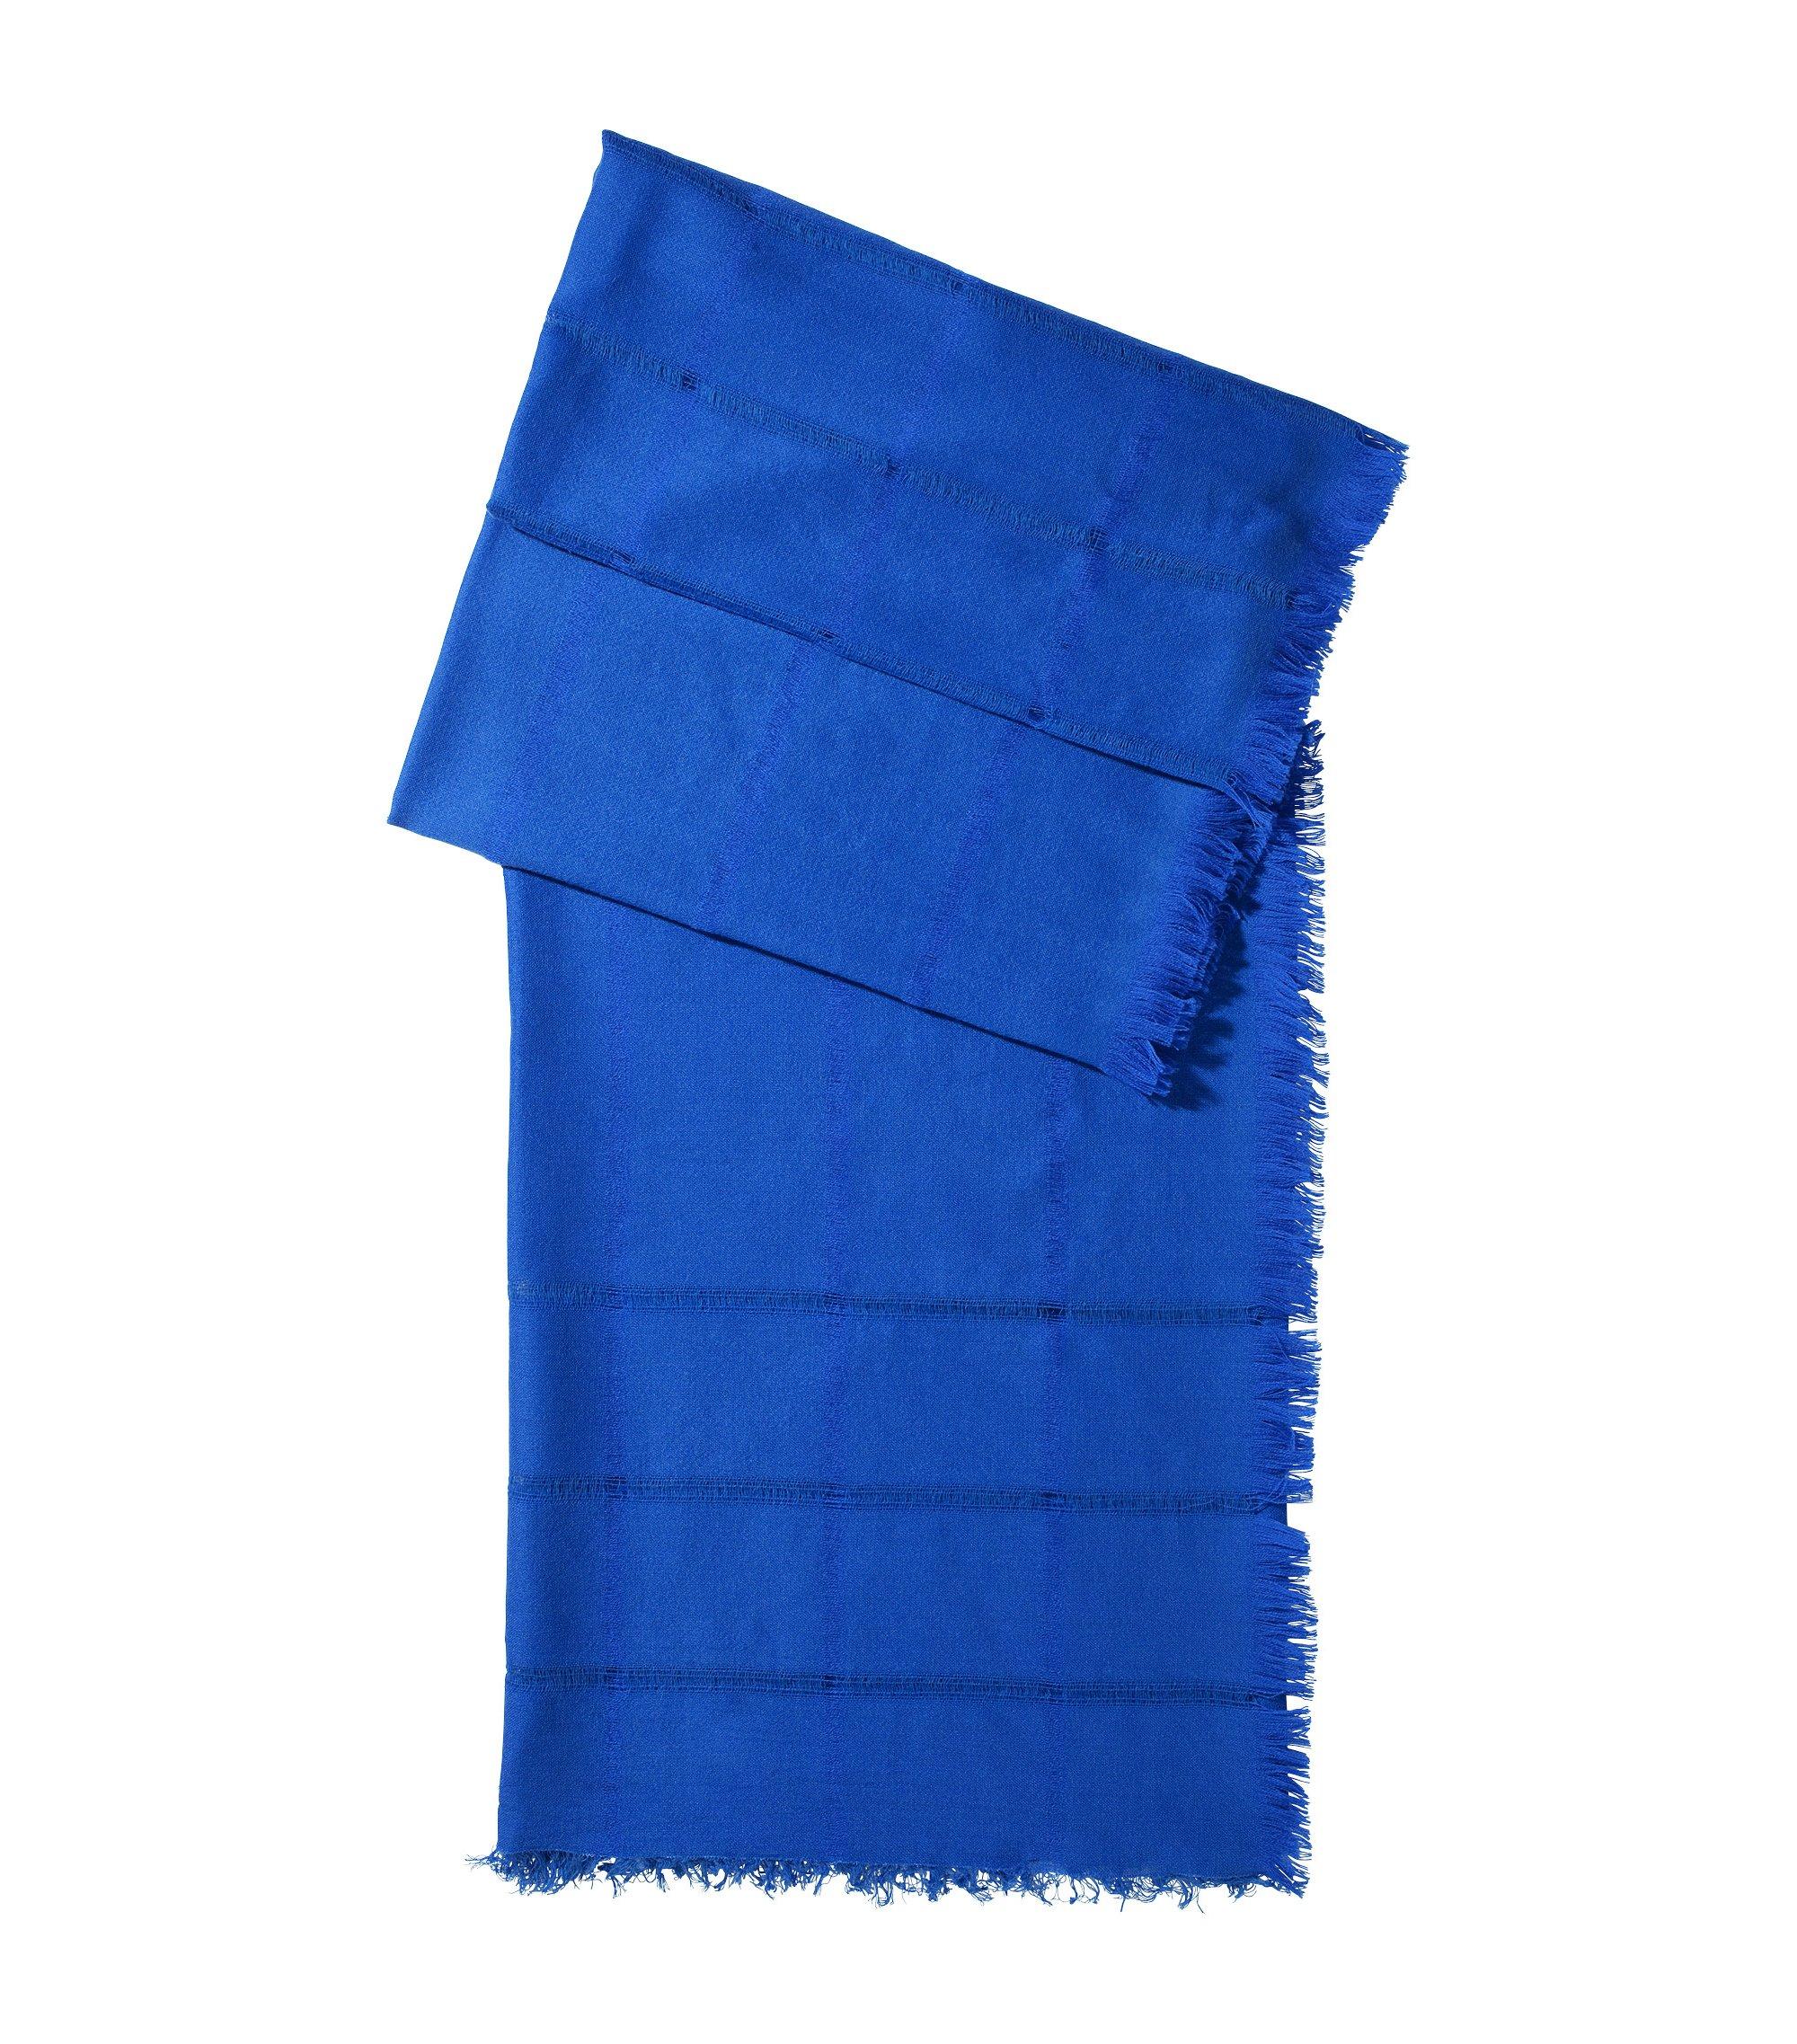 Designer-Tuch ´SC450` aus Woll-Mix, Blau